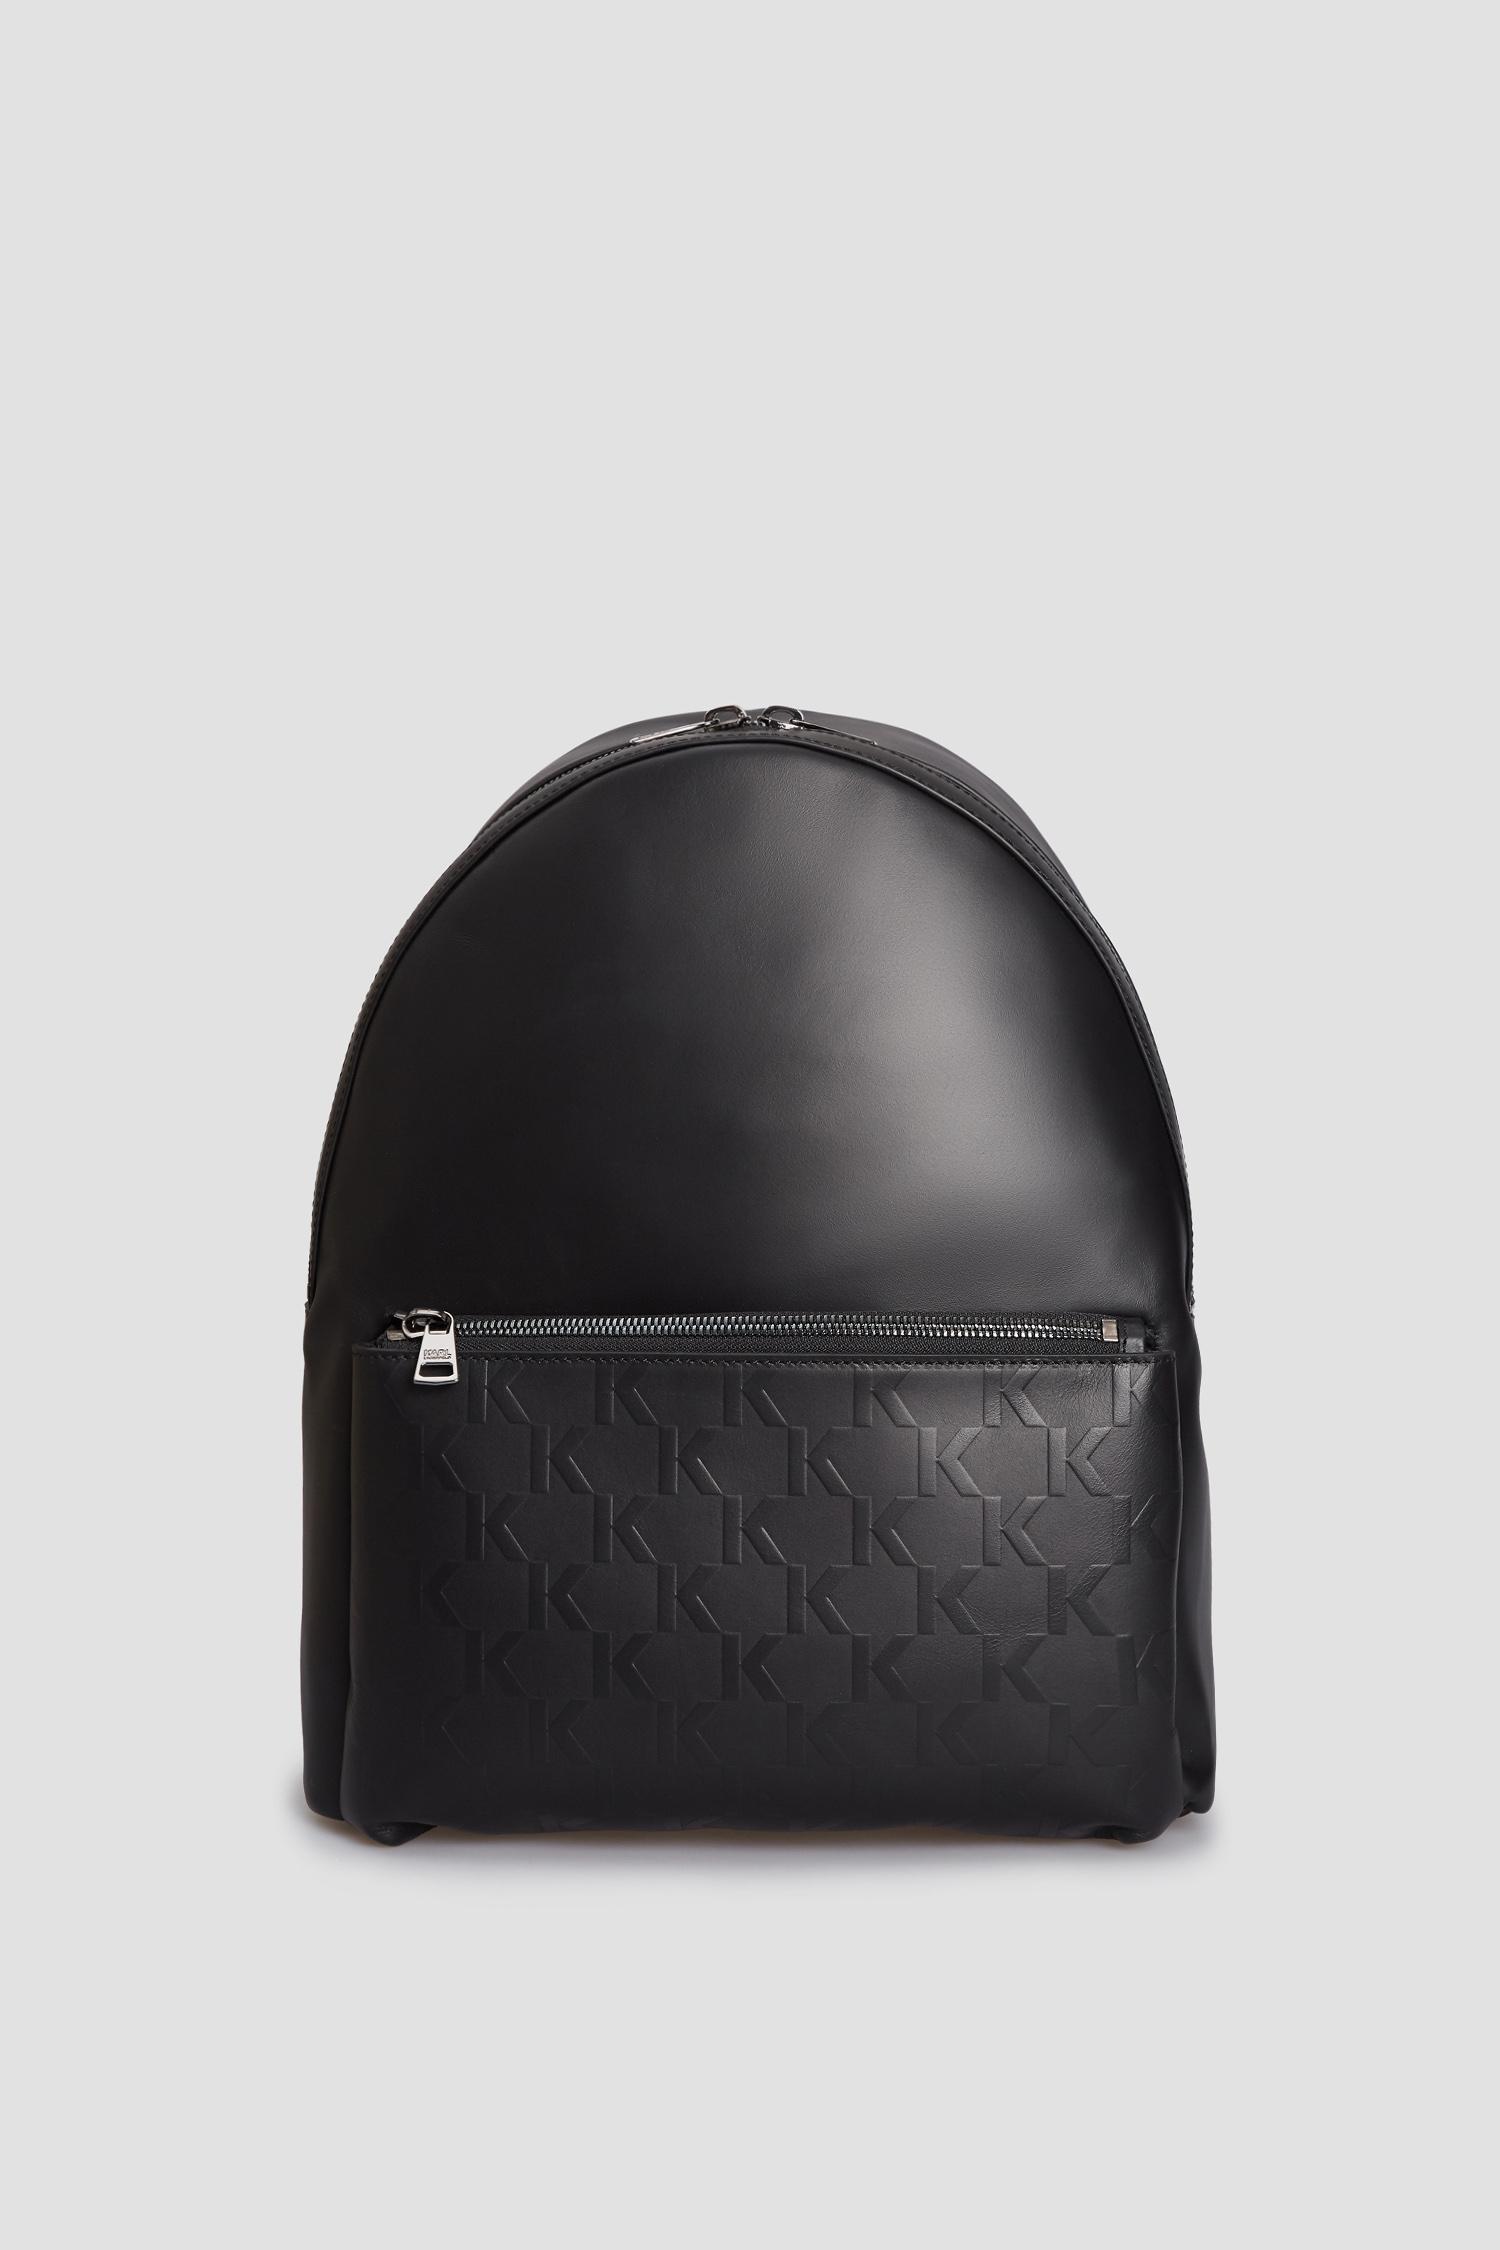 Чоловічий чорний шкіряний рюкзак Karl Lagerfeld 511453.815901;990